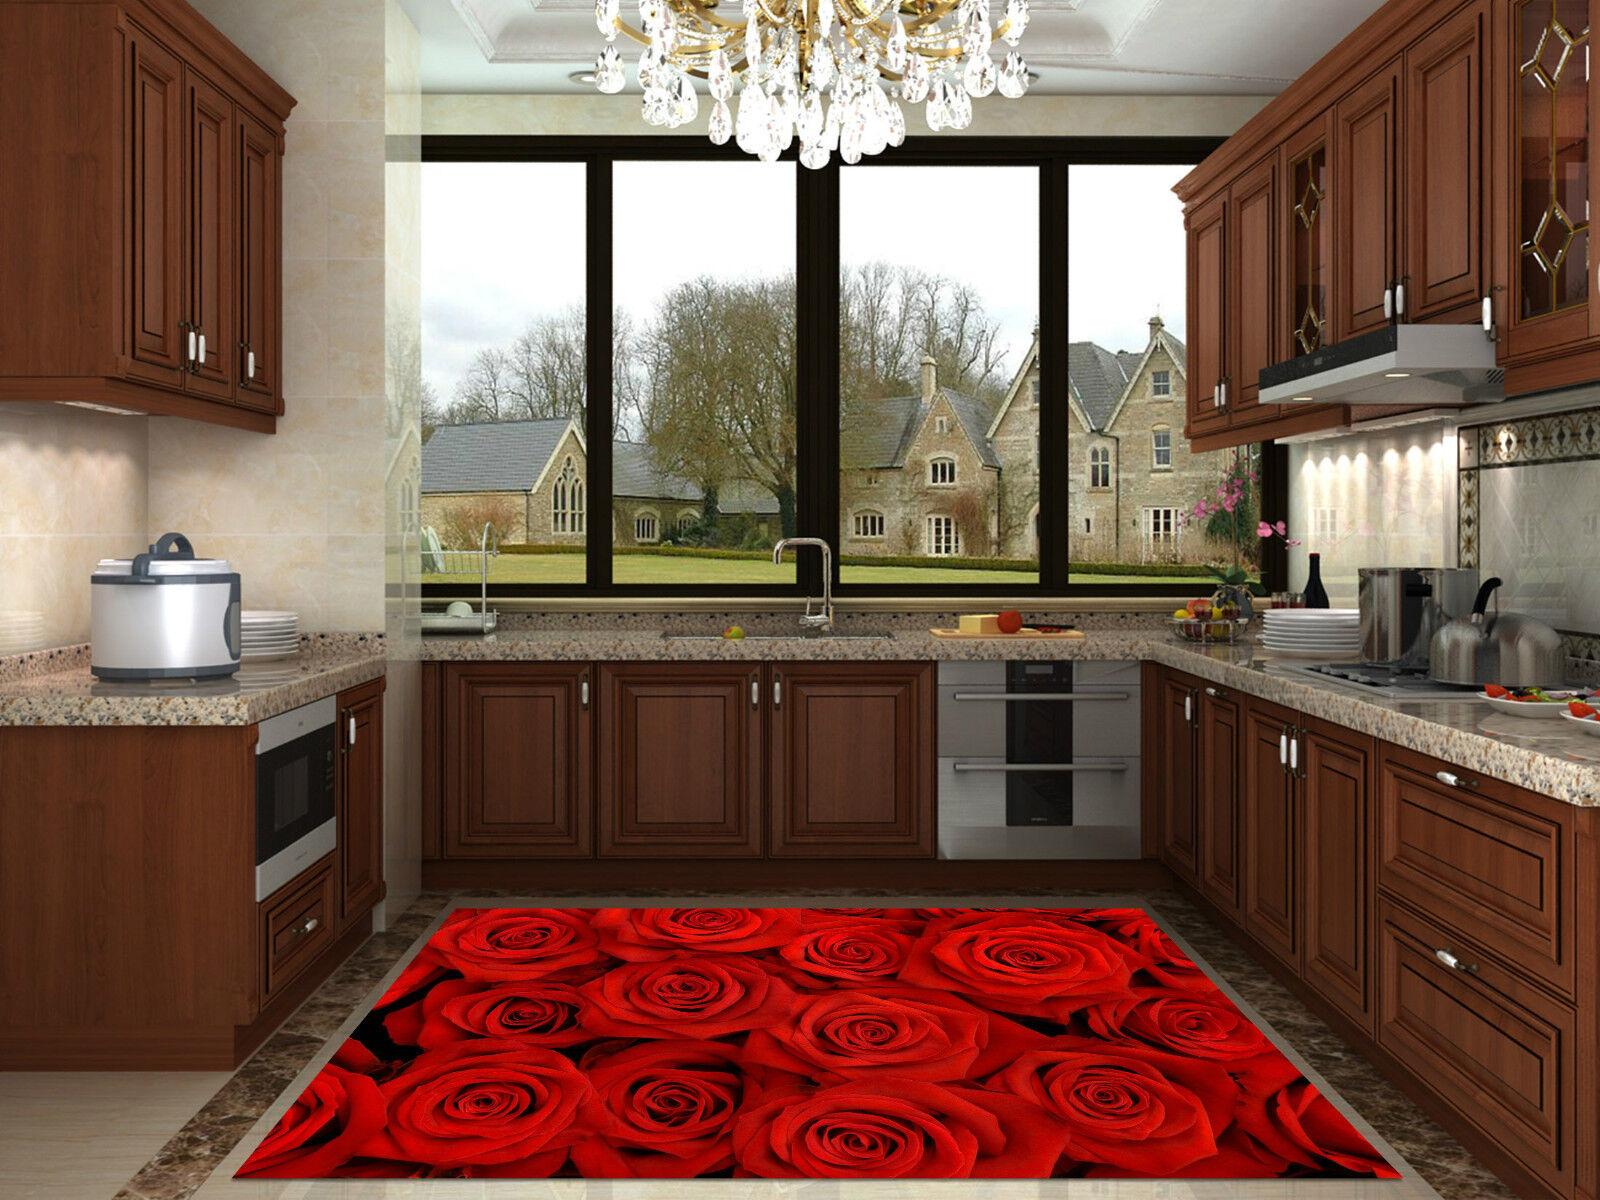 3d 29 ROSE ROSSE 29 3d TAPPETO da cucina pavimento muro parete muro ...